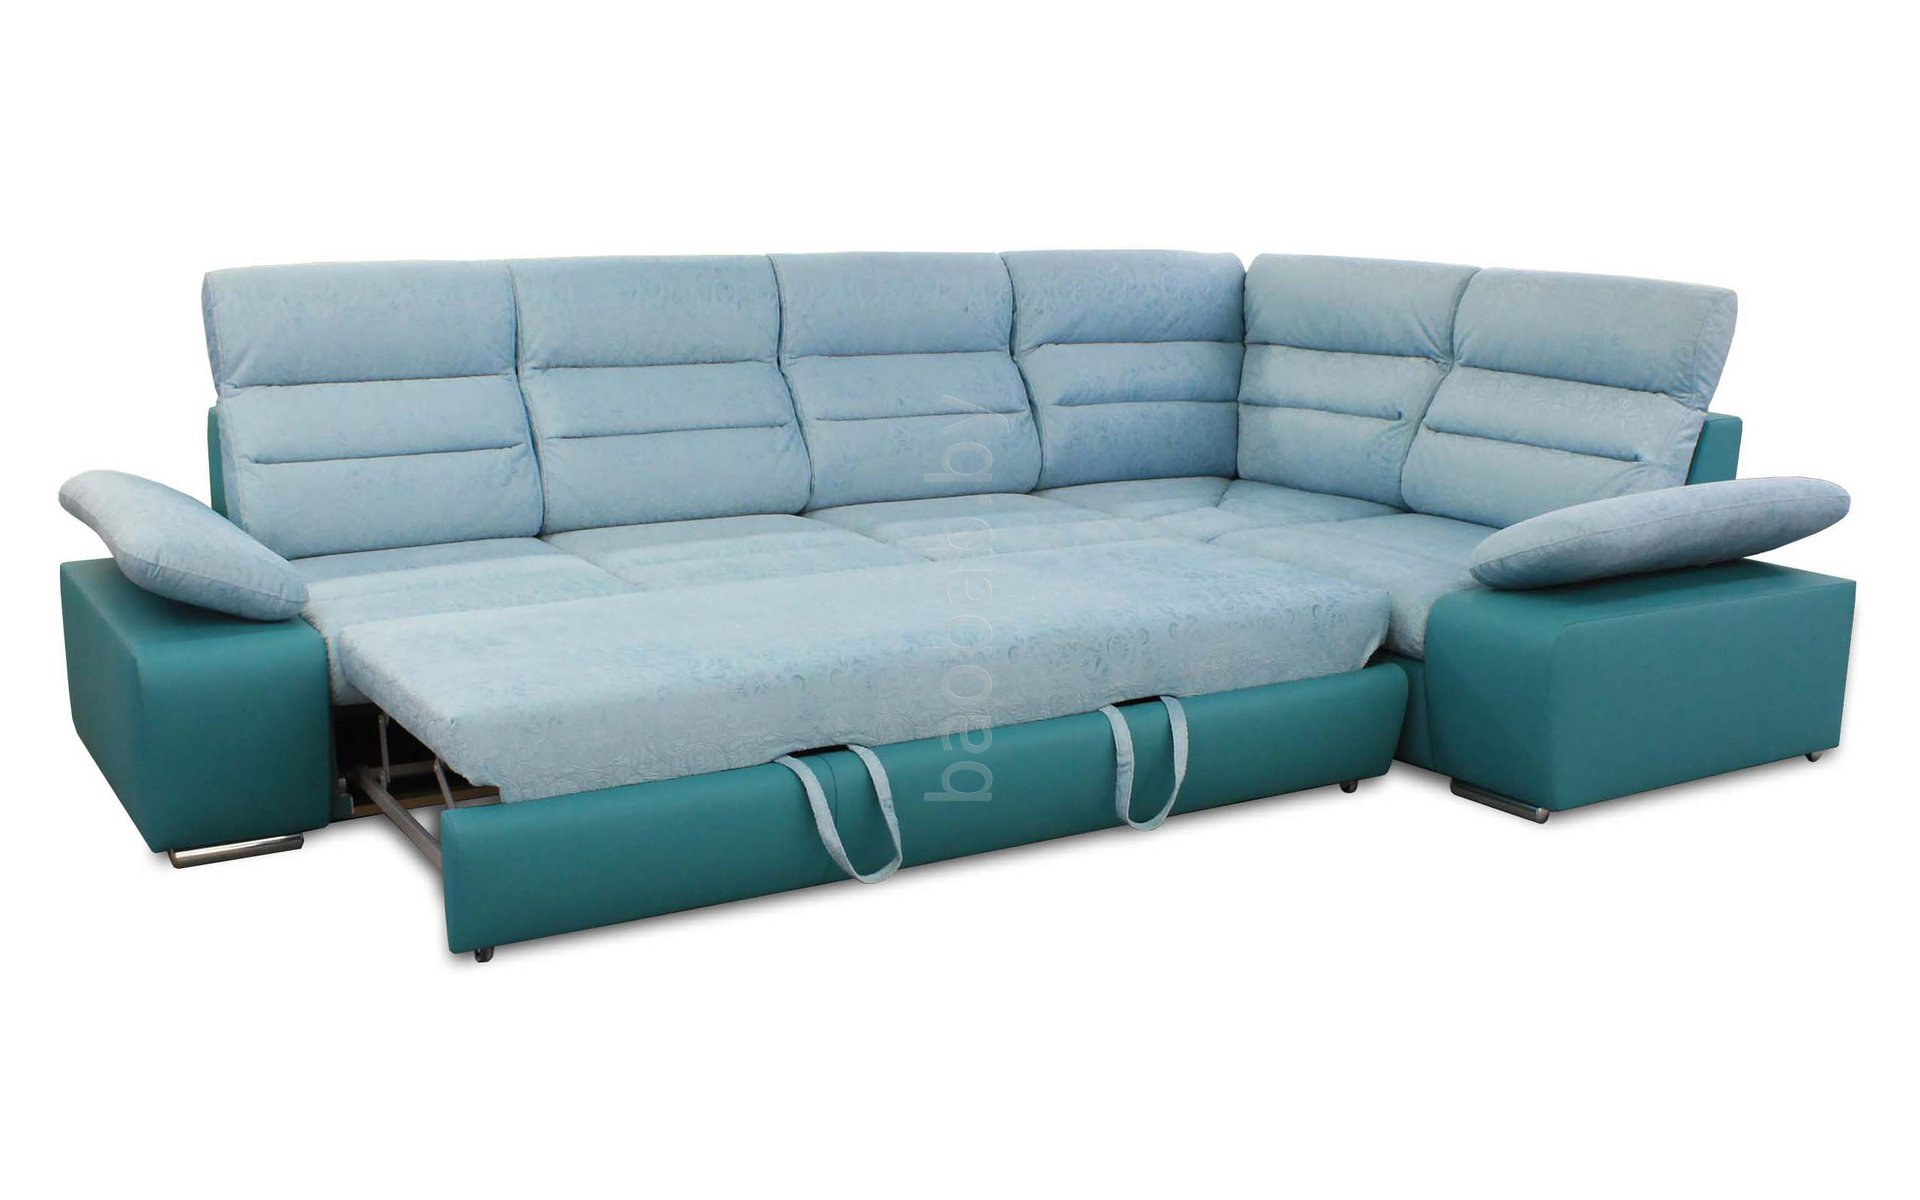 быть, благодаря угловой диван венеция фото оснащены современным